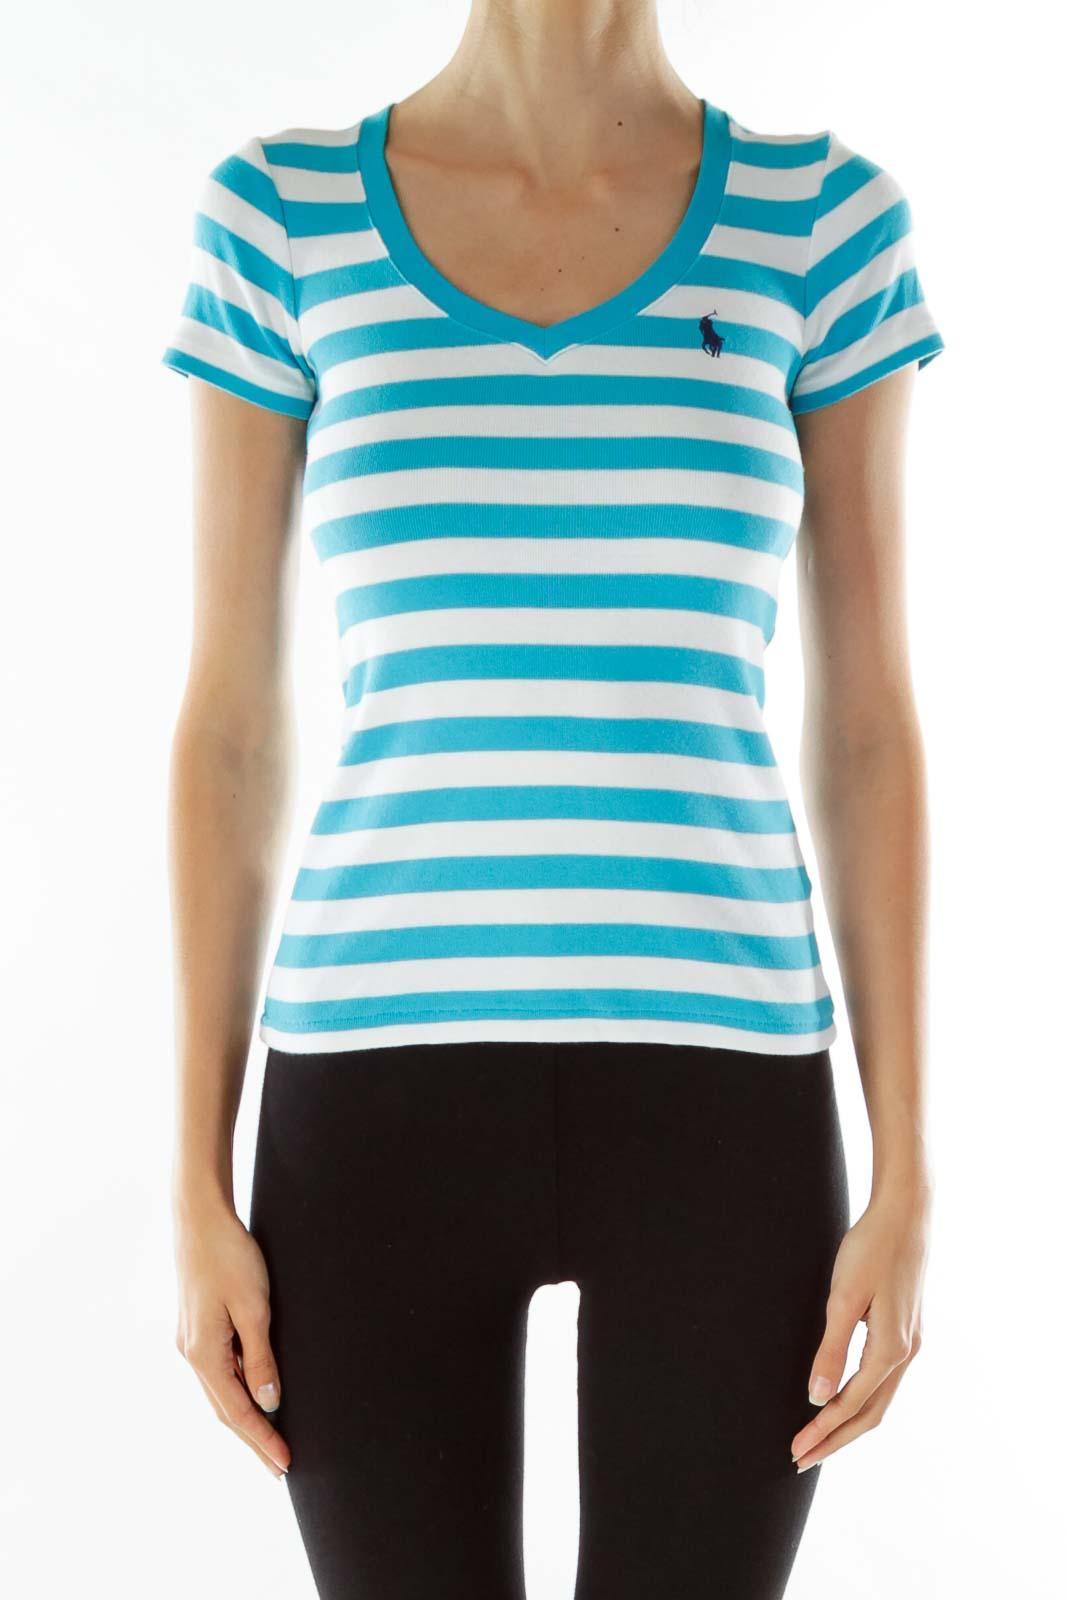 Blue White Striped V-Neck T-shirt